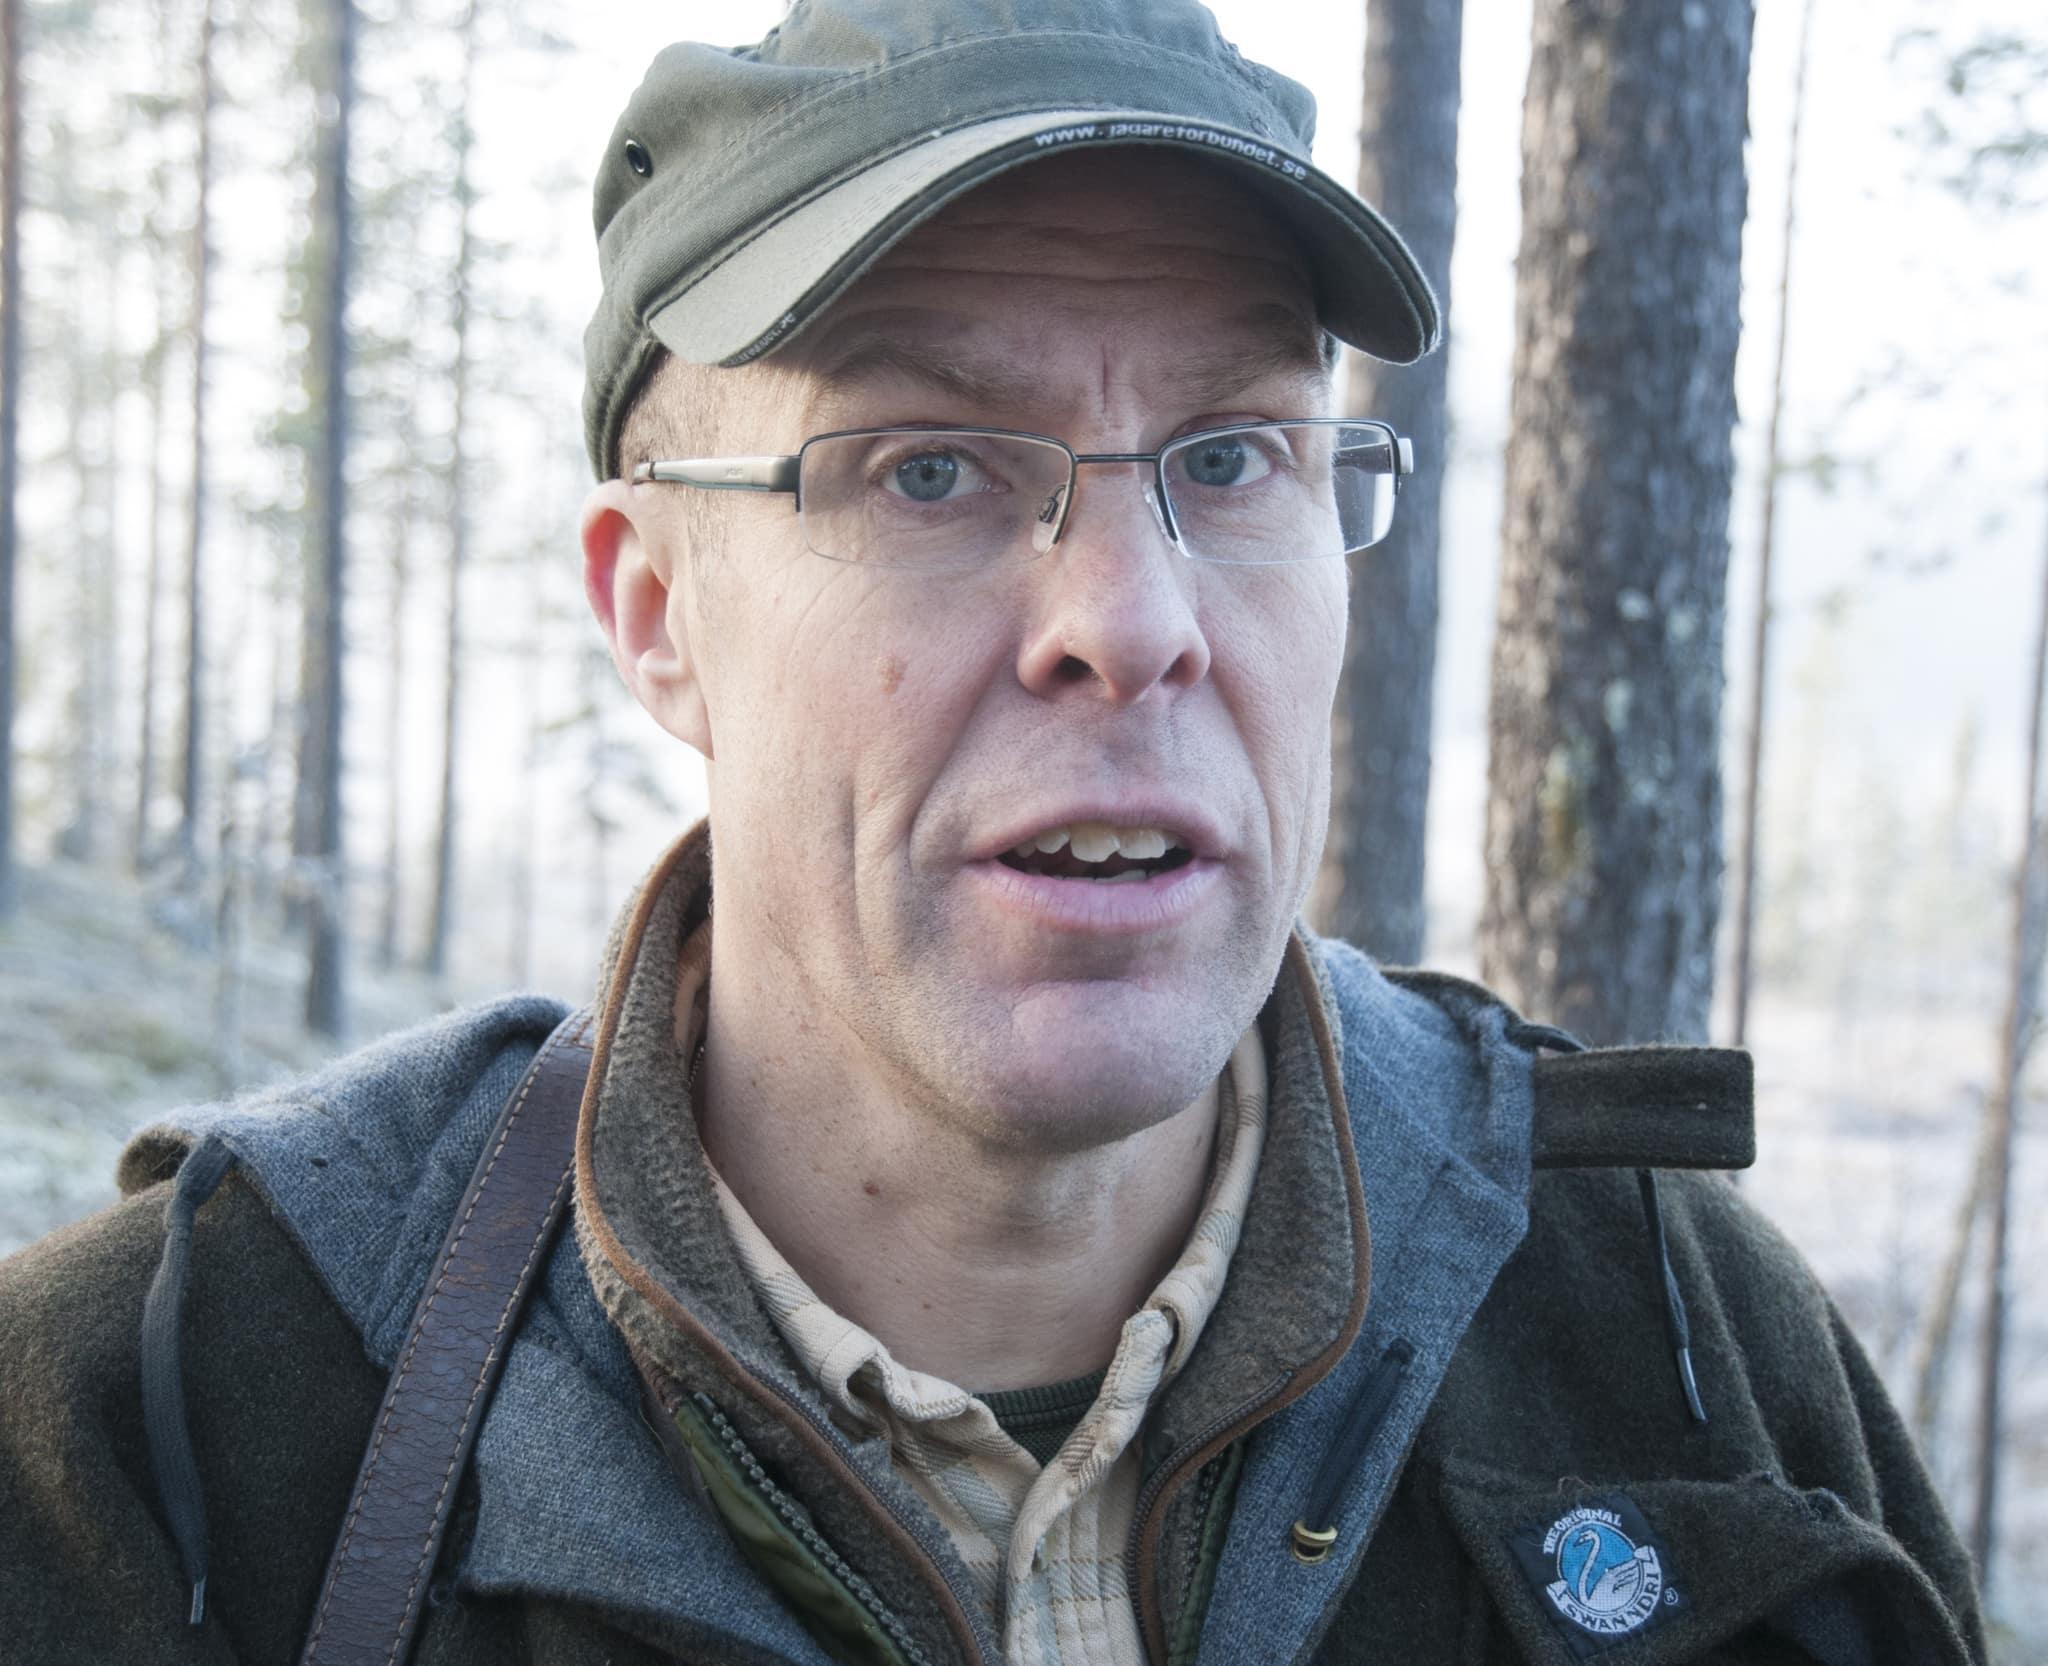 Jägareförbundets utbildningsansvarige Ulf Sterler anser att Skolverkets argument för att lägga ner jaktutbildningarna är helt befängda. Foto: Jan Henricson